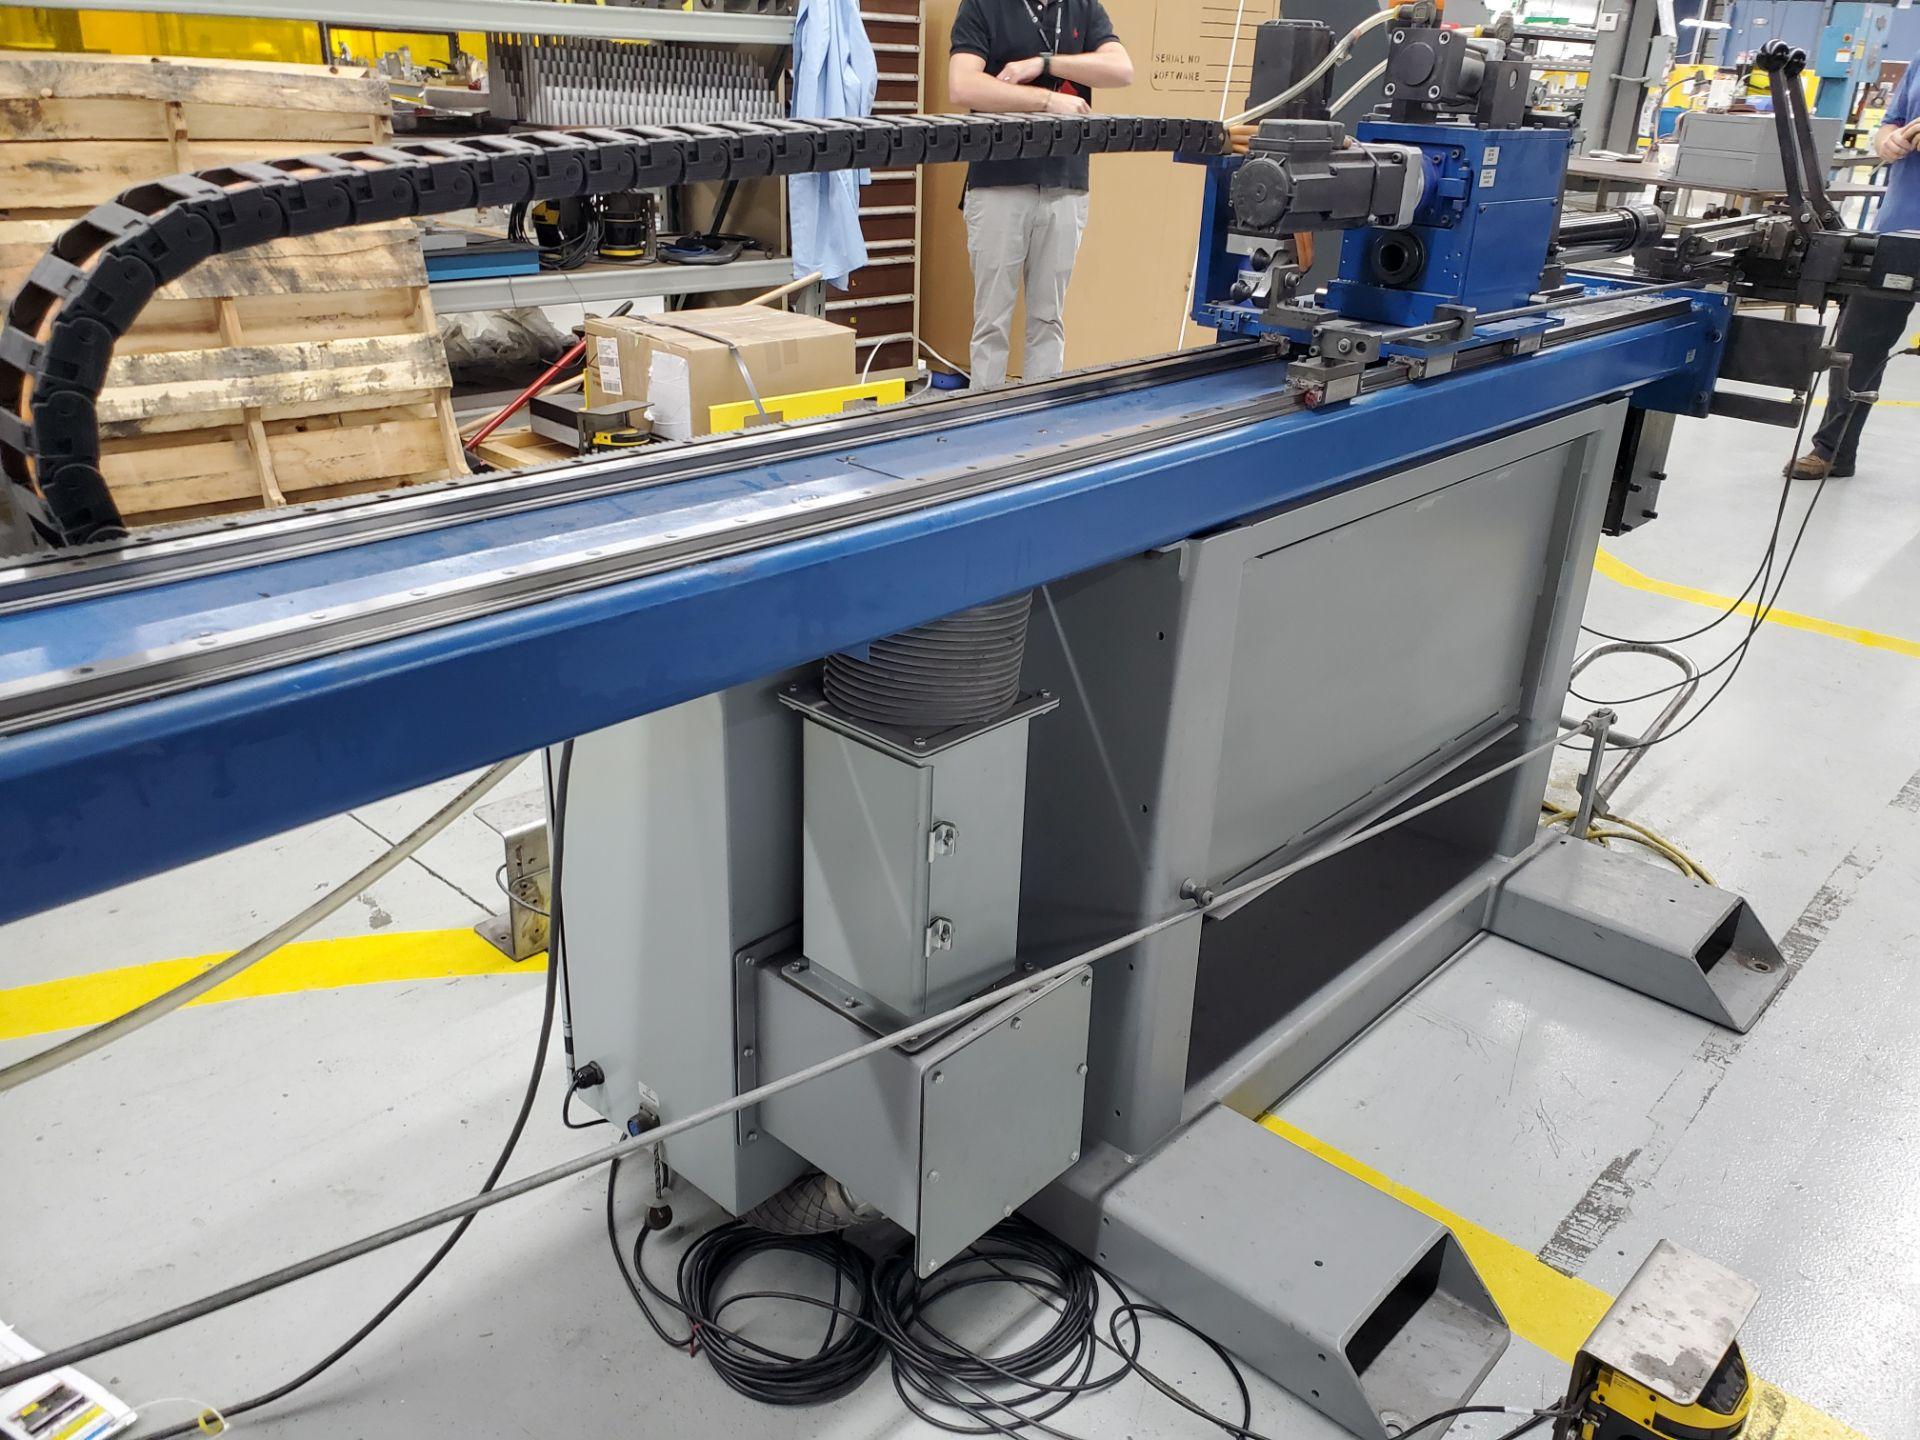 CNC Eaton Leonard Tube Bender Model VBCE25, S/N 25RH 8606761PC12/08, New 2008 - Image 12 of 18